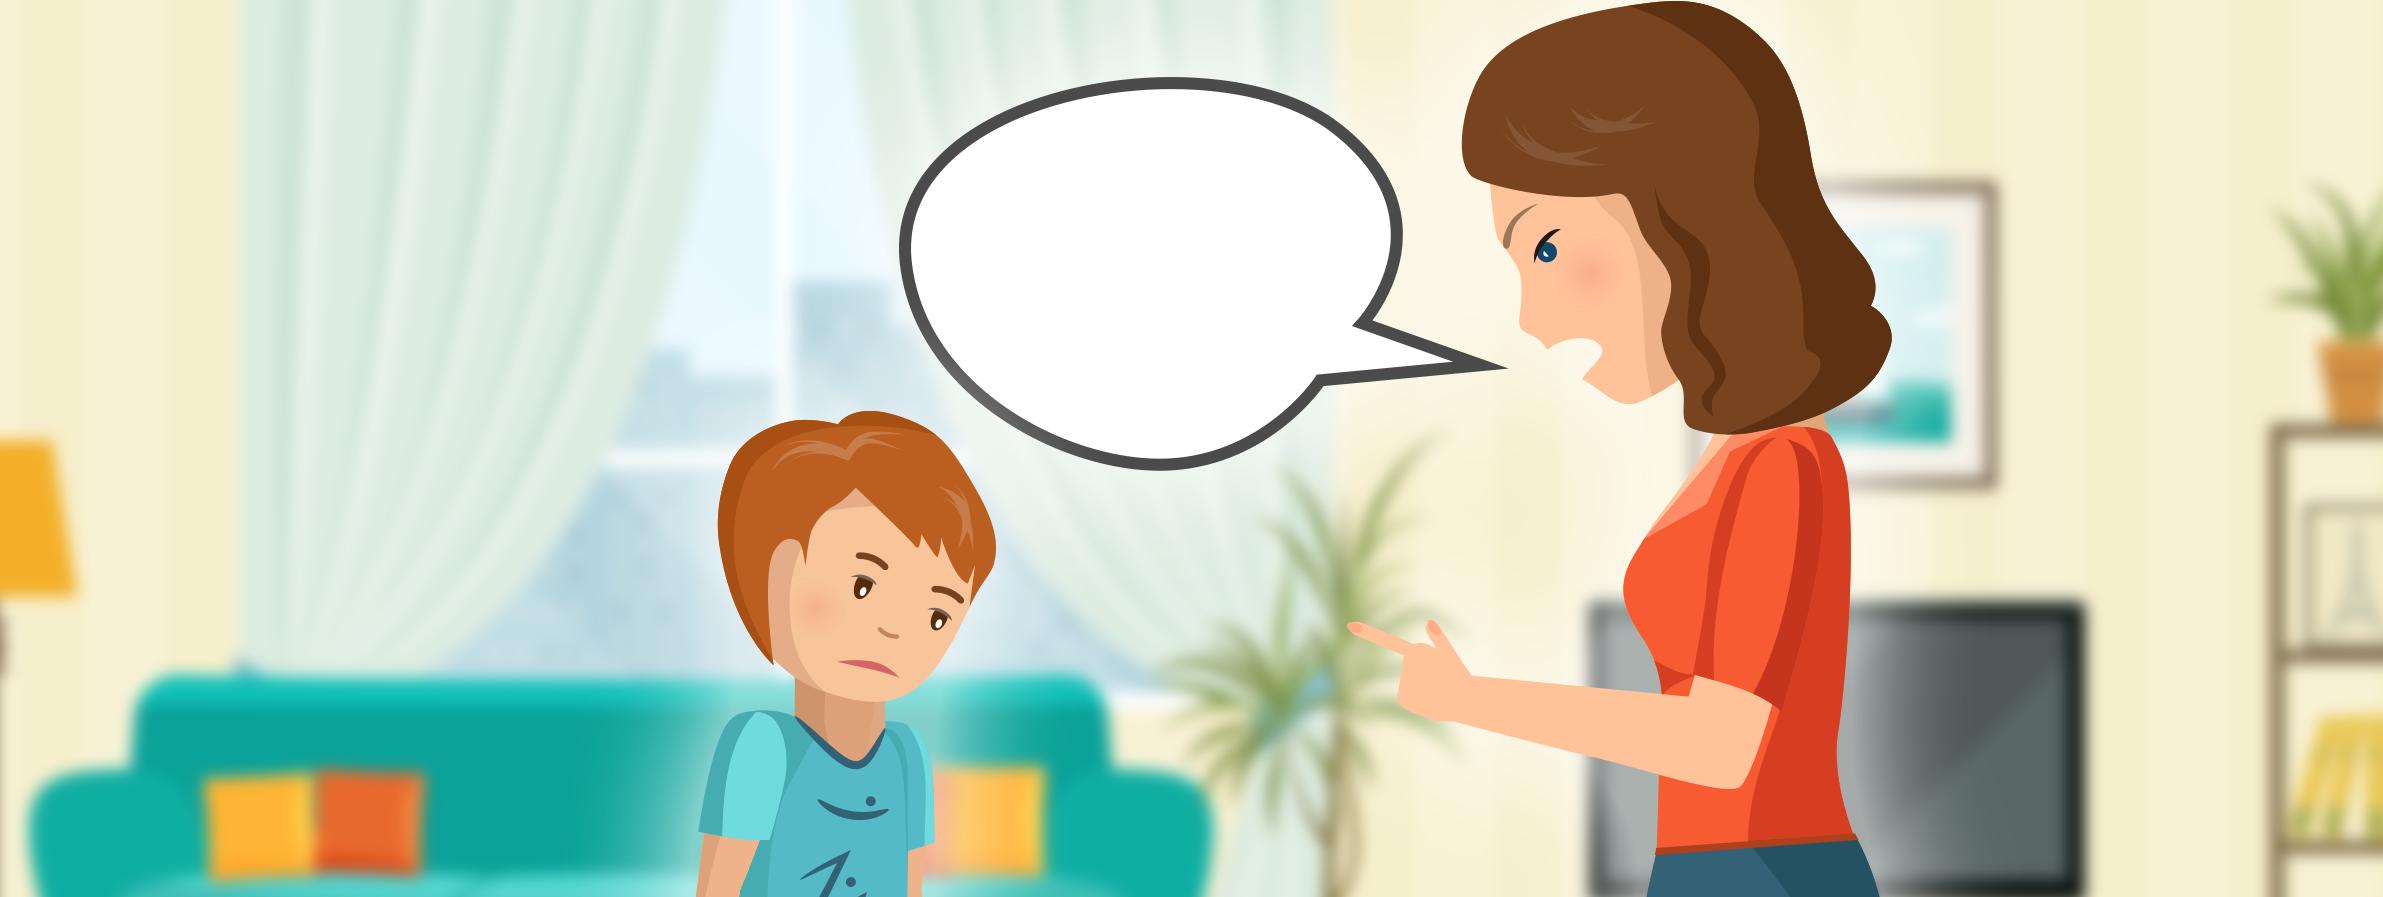 Ebeveynler Çocuklarına Nasıl Kural Koymalı?